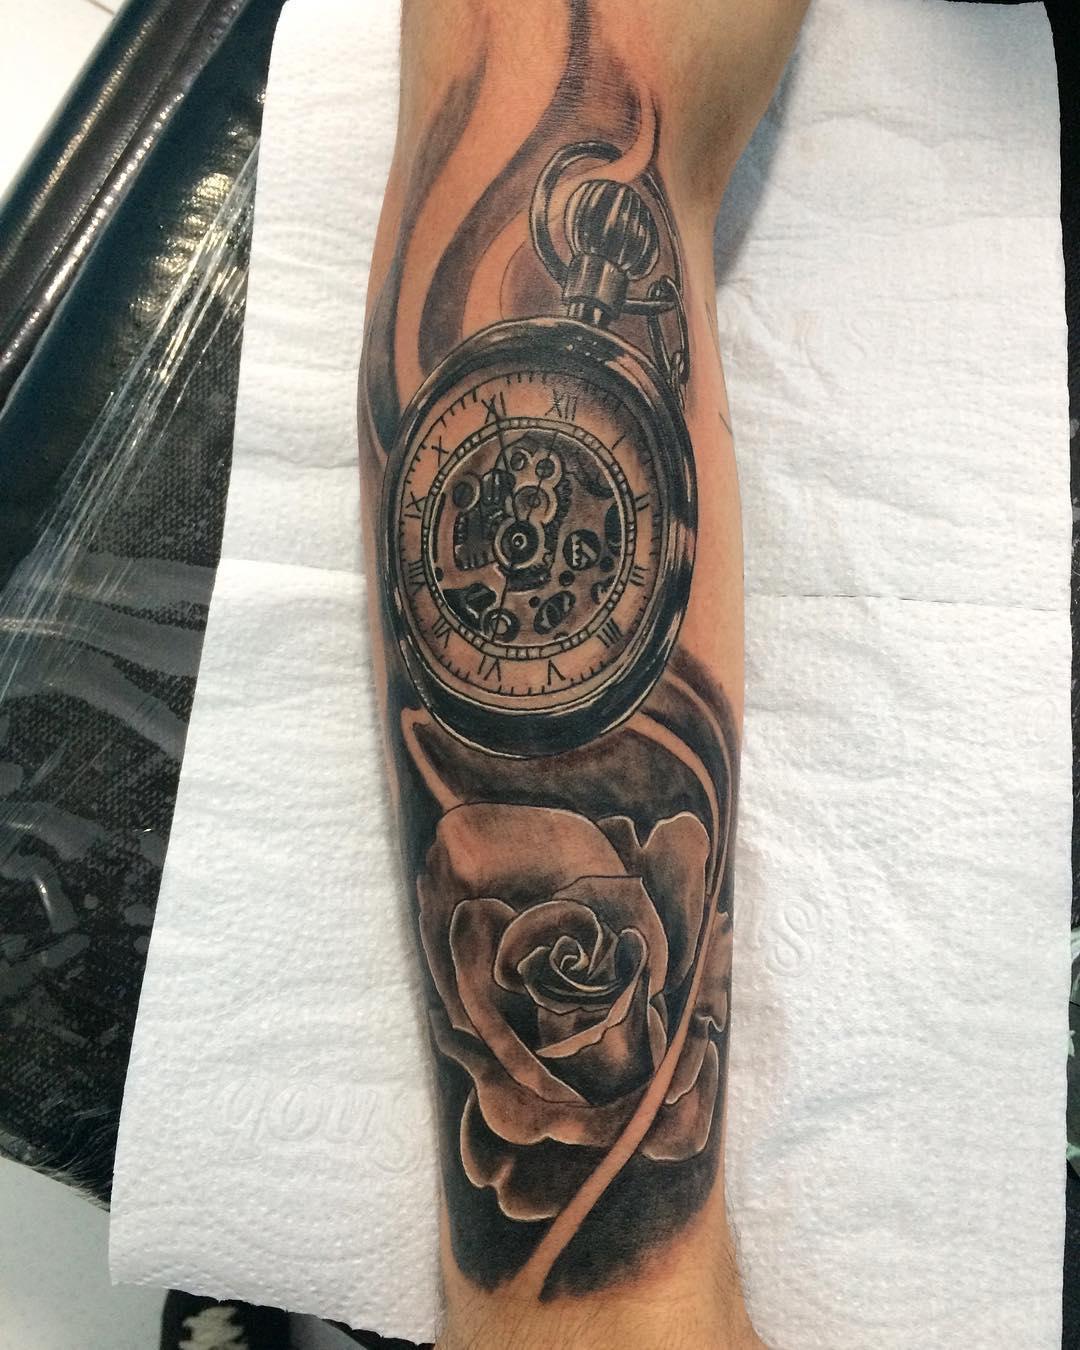 盛先生小臂写实玫瑰机械表纹身图案